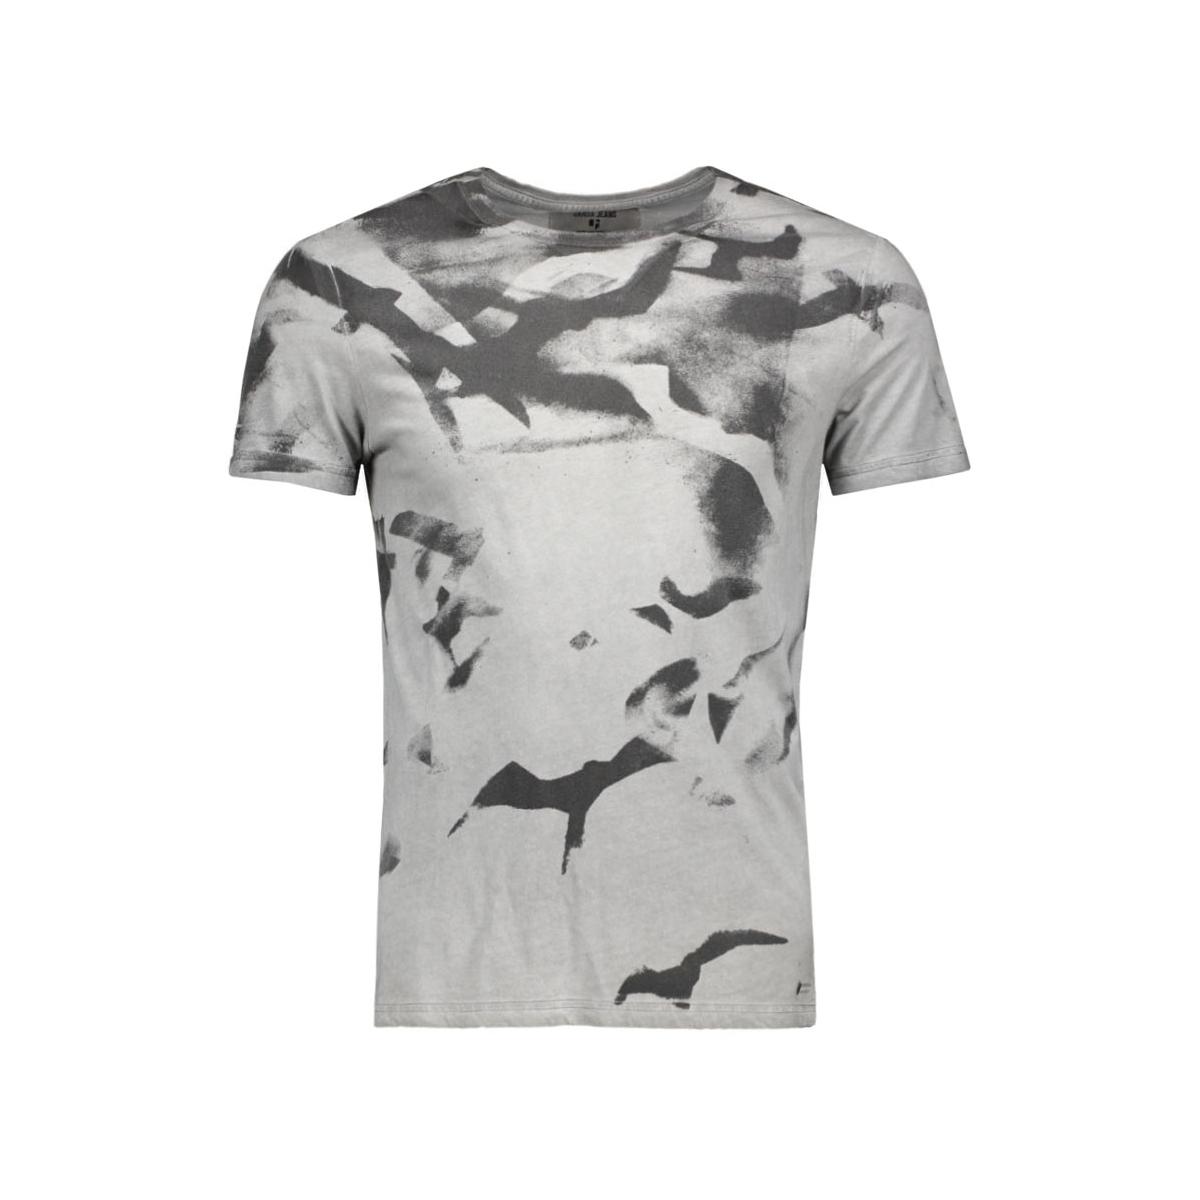 t61205 garcia t-shirt 1248